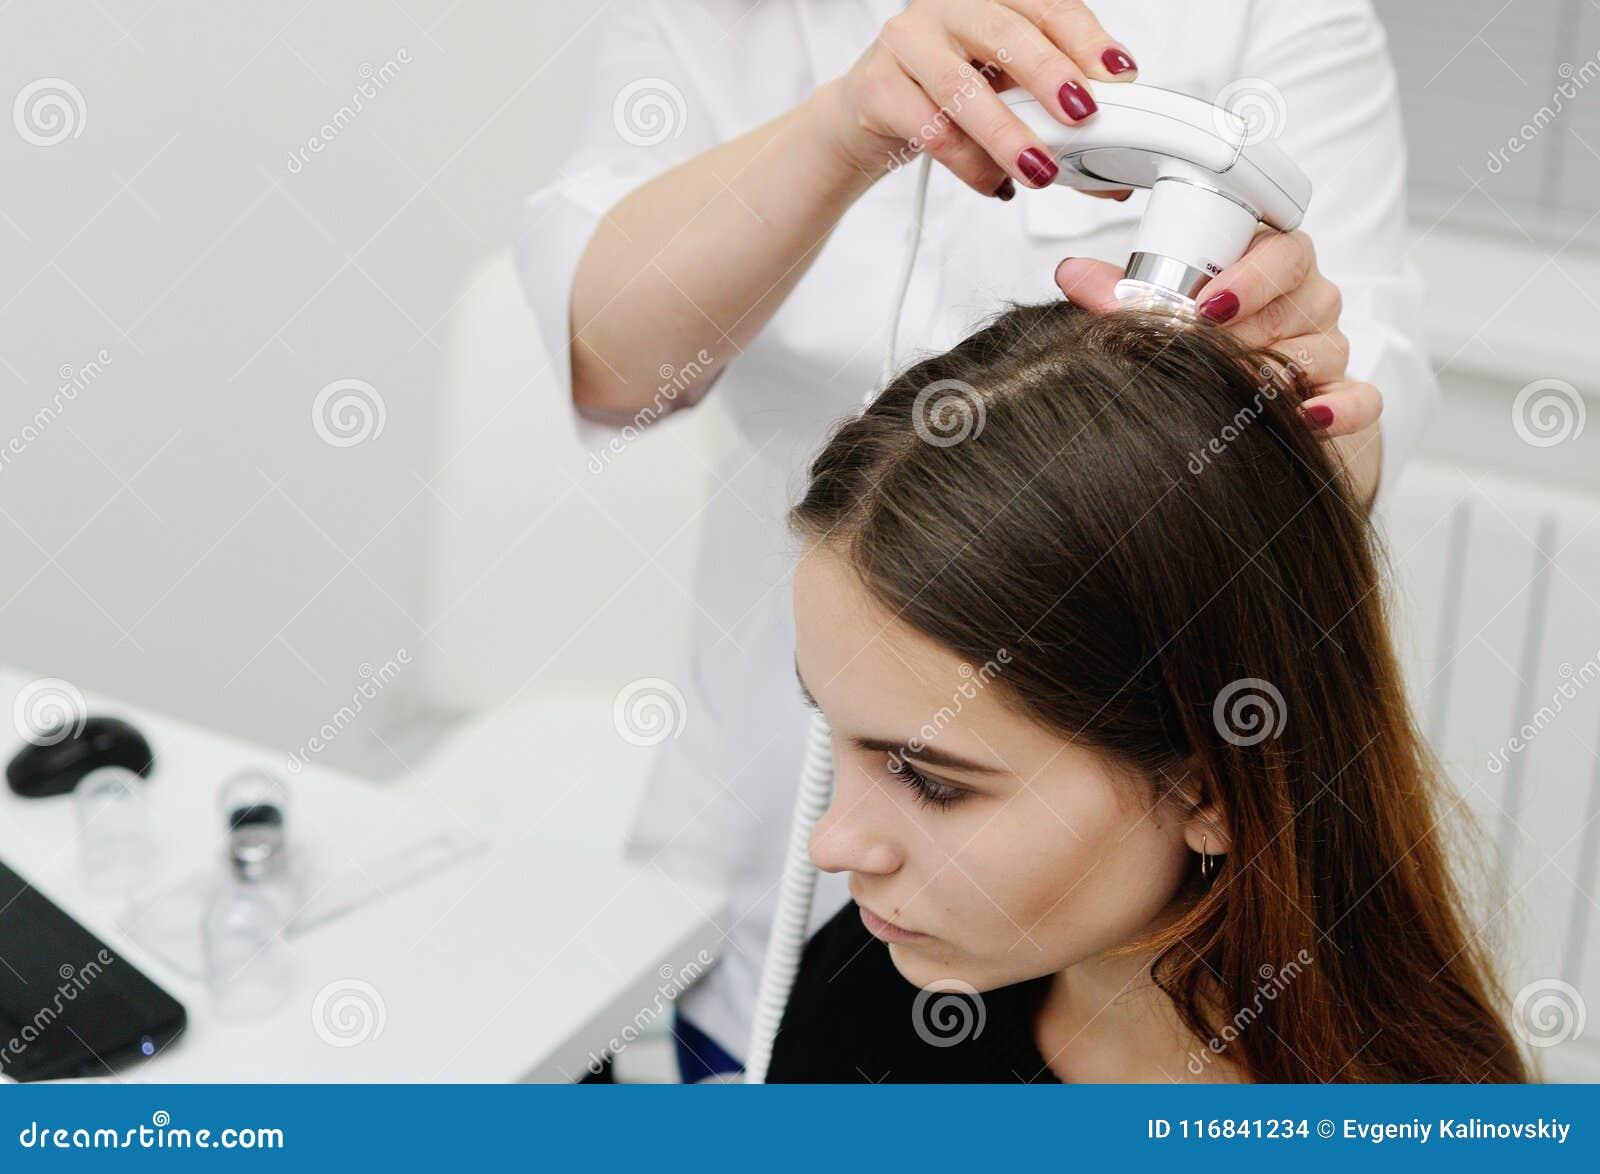 O dermatologista examina um cabelo paciente da mulher usando um dispositivo especial